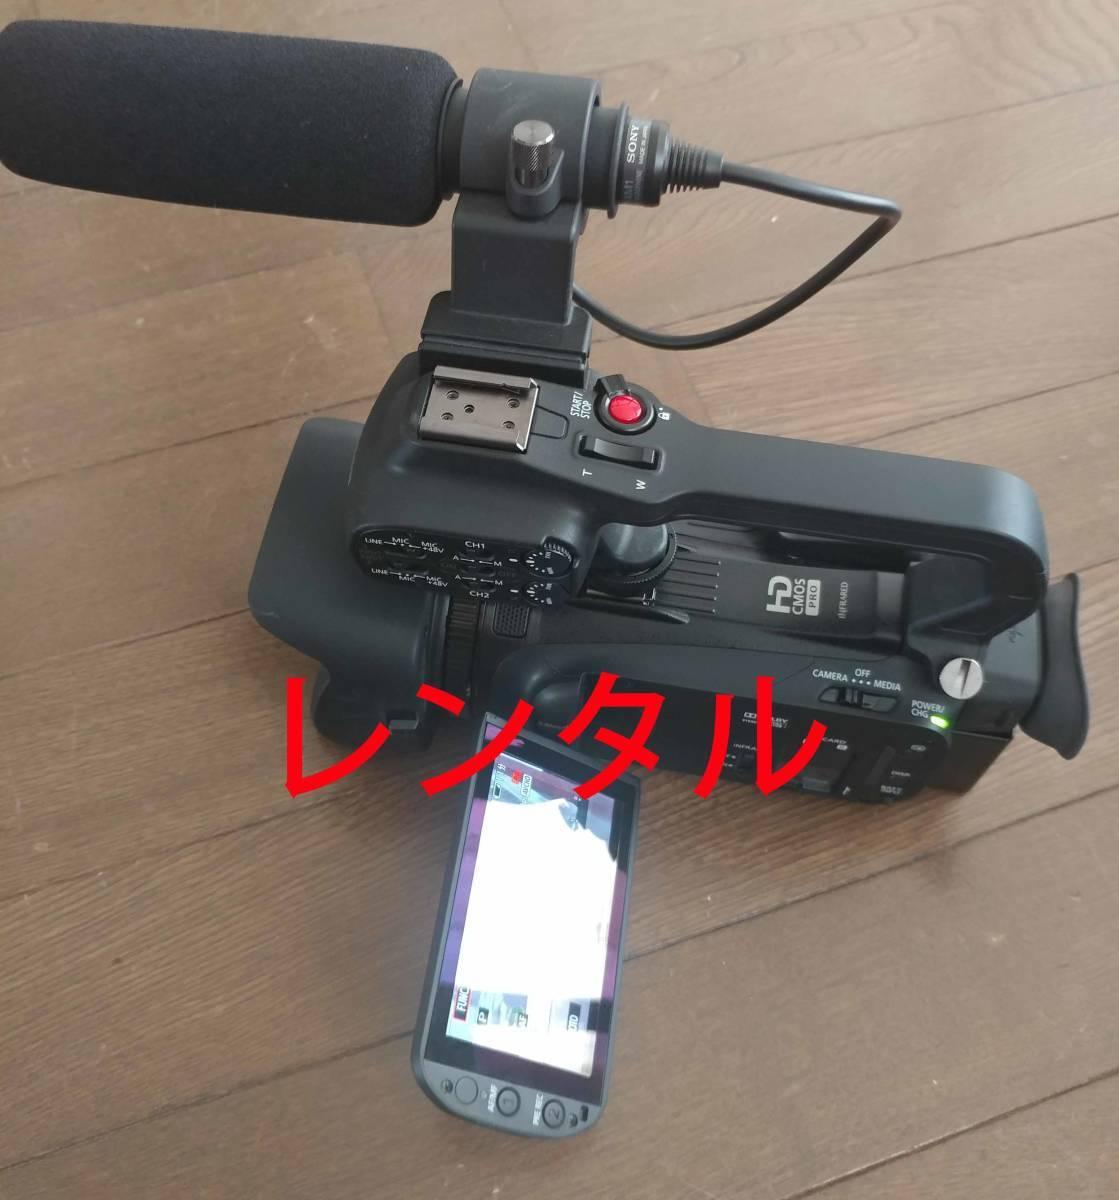 ◎レンタル9日間 Canon XA30 ビデオカメラ HDU-1(ハンドルユニット) ECM-XM1マイク付き ★往復送料当方負担